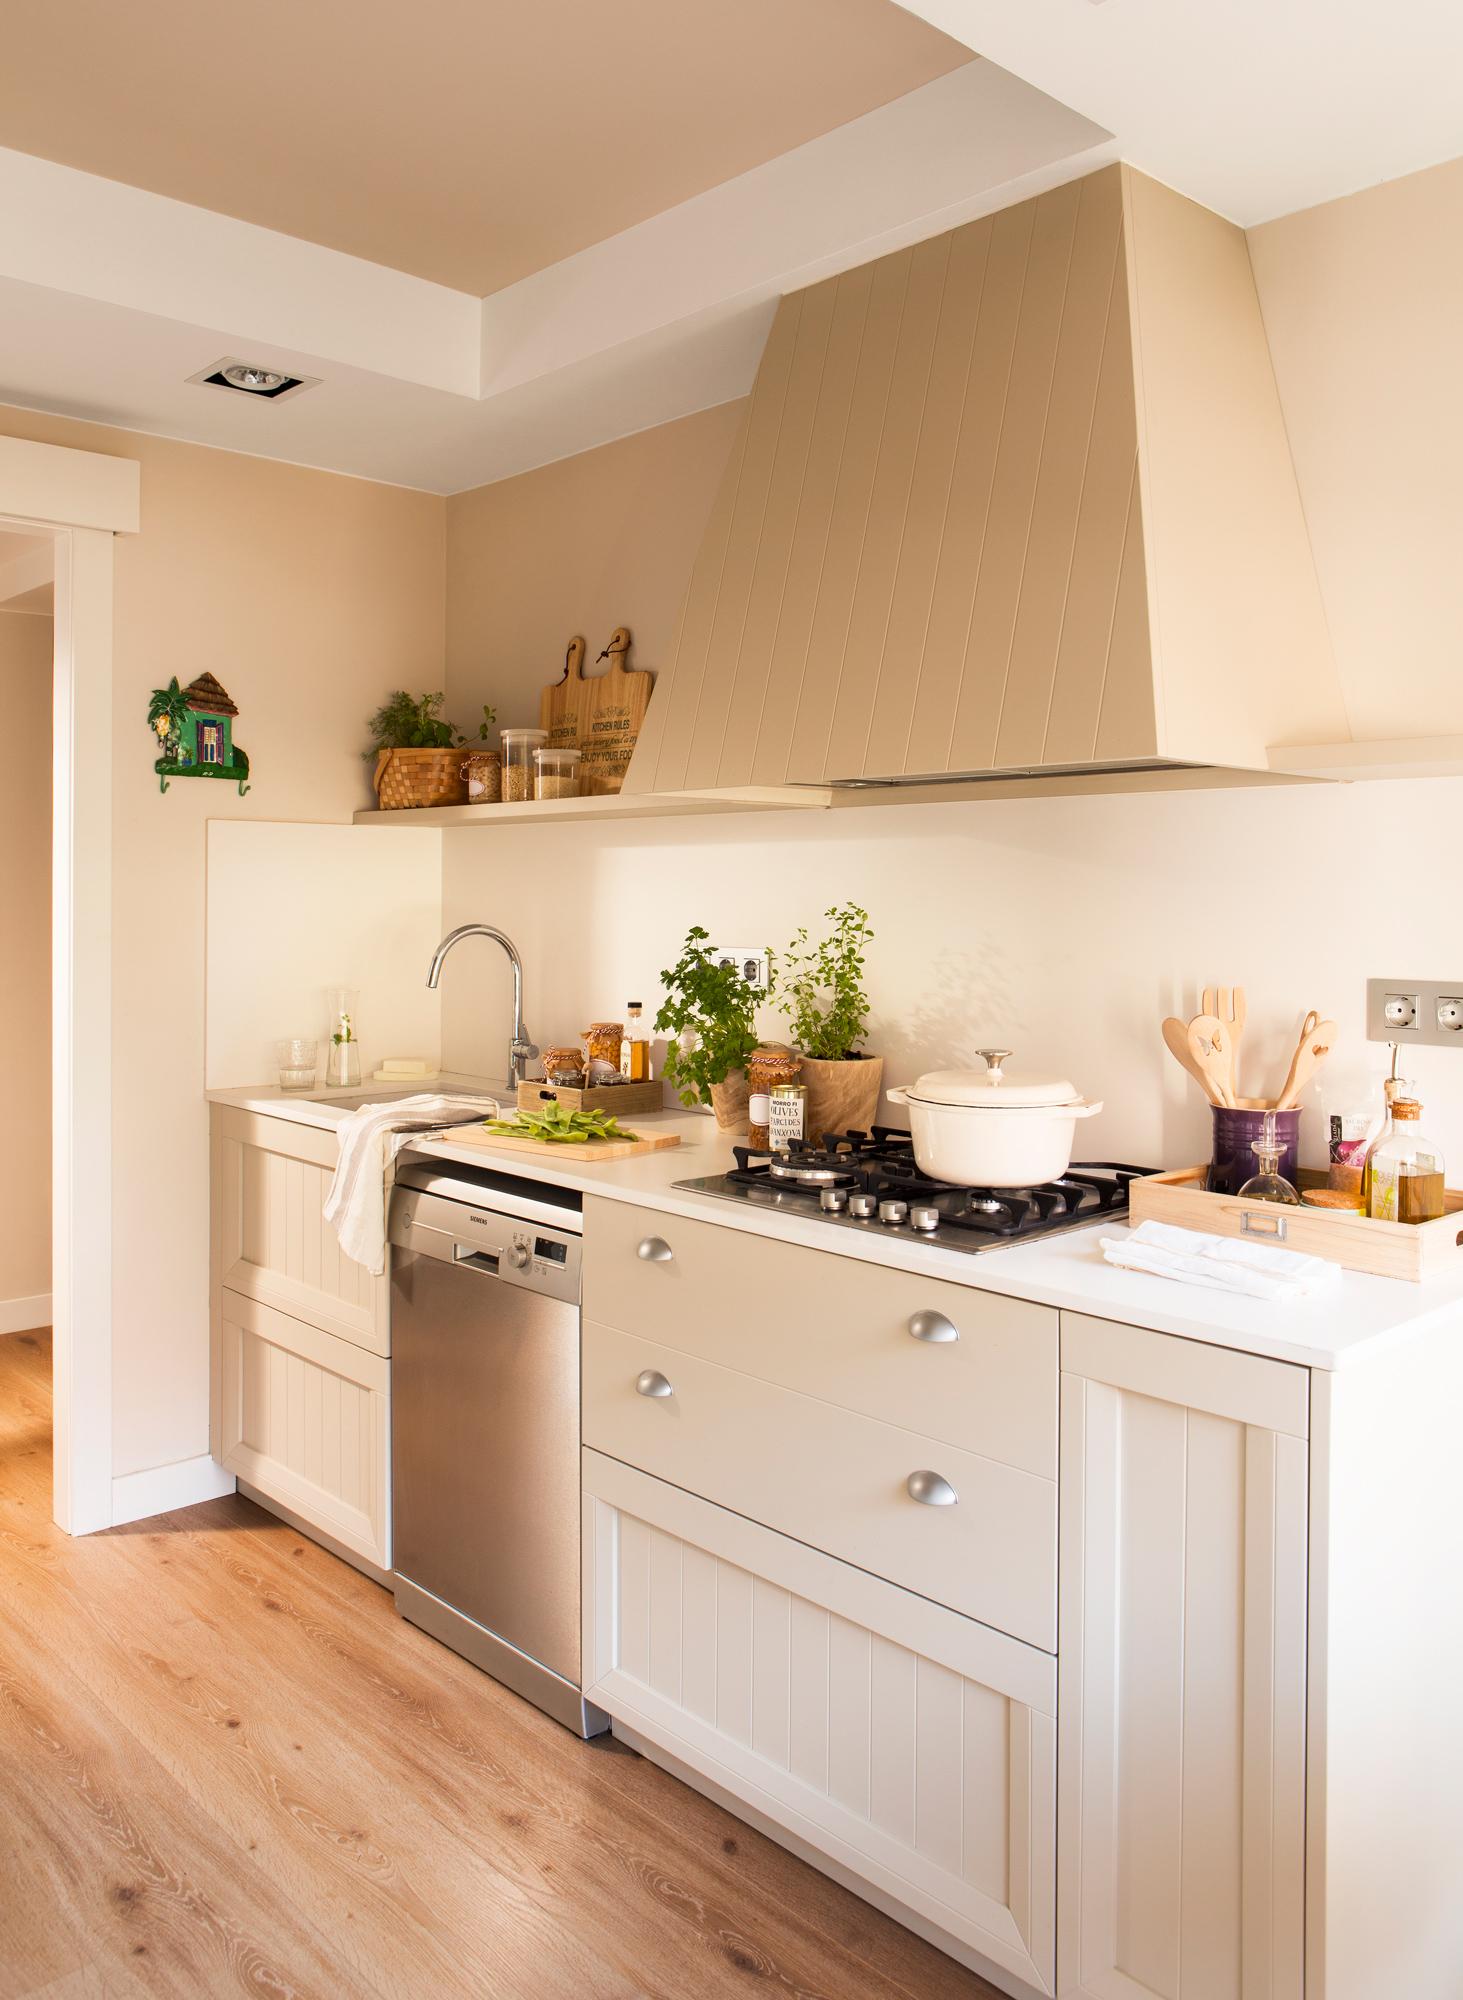 Una cocina peque a con mucho orden y un office - Modelos de azulejos para cocina ...